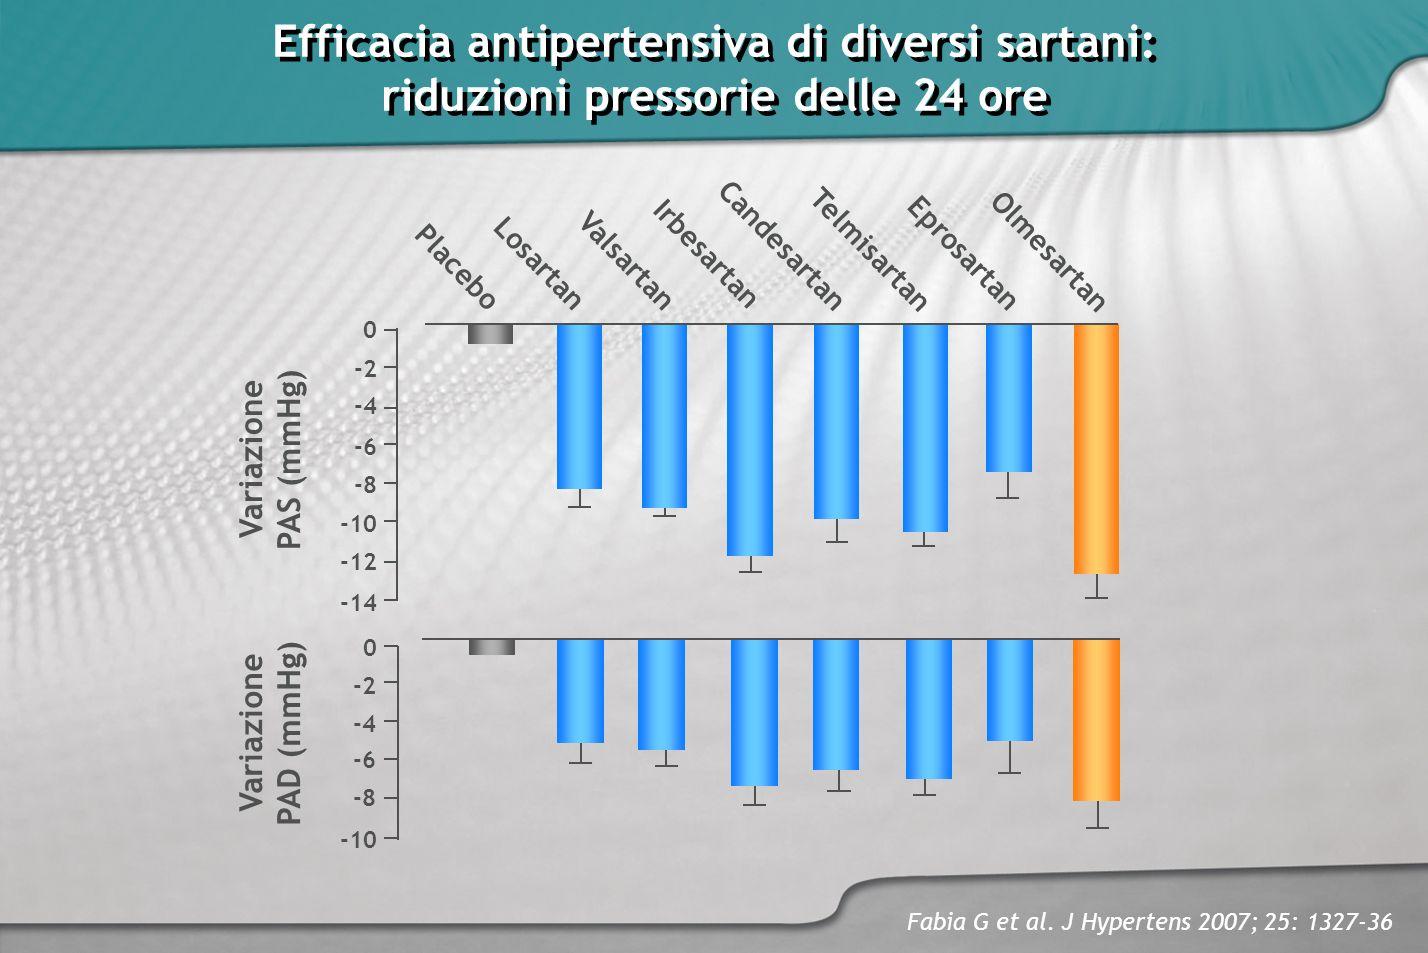 Efficacia antipertensiva di diversi sartani: